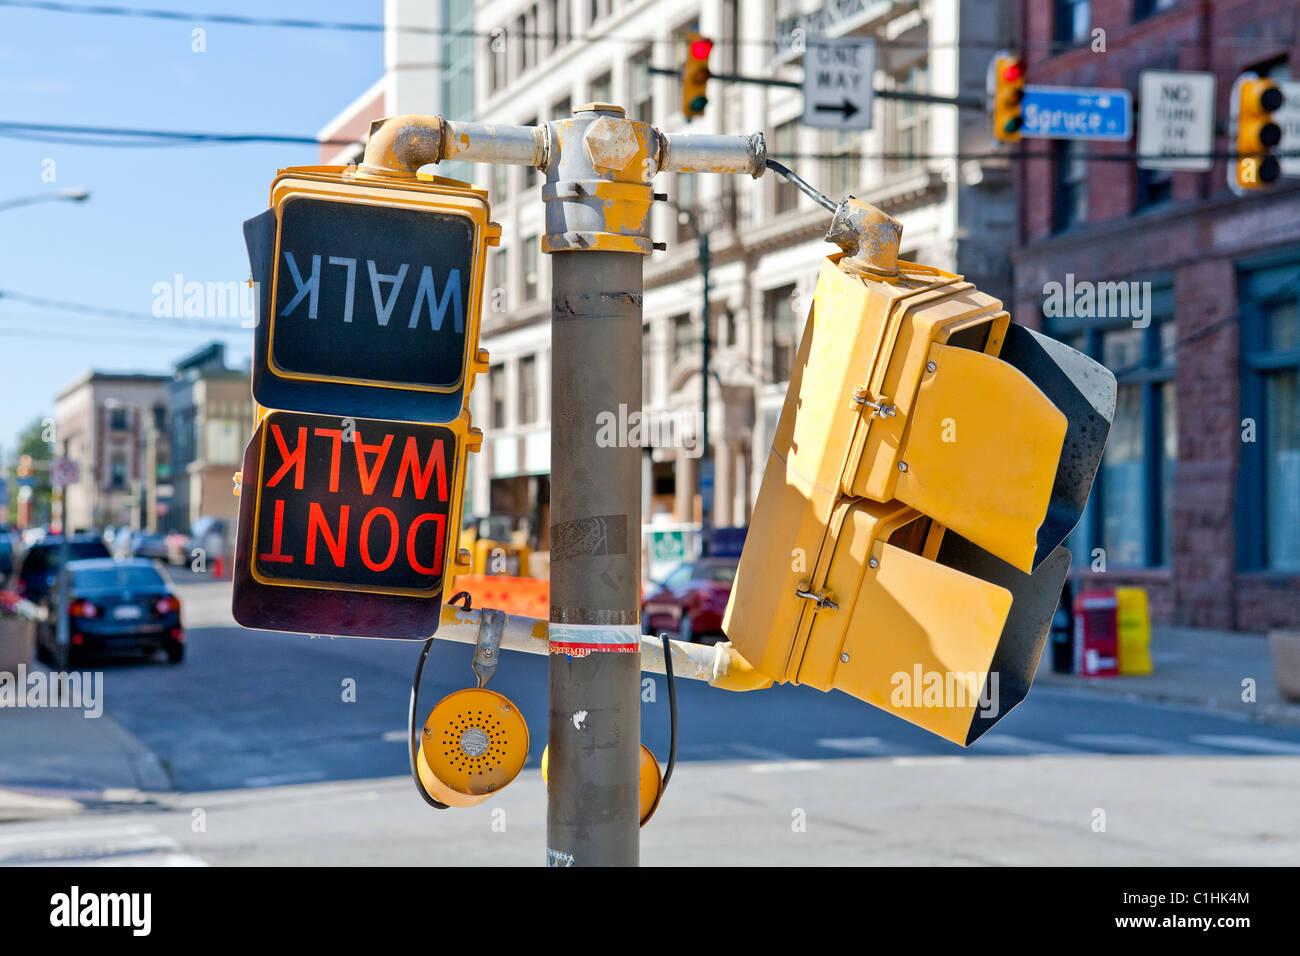 Don't Walk Pedestrian Cross Walk Sign - Stock Image